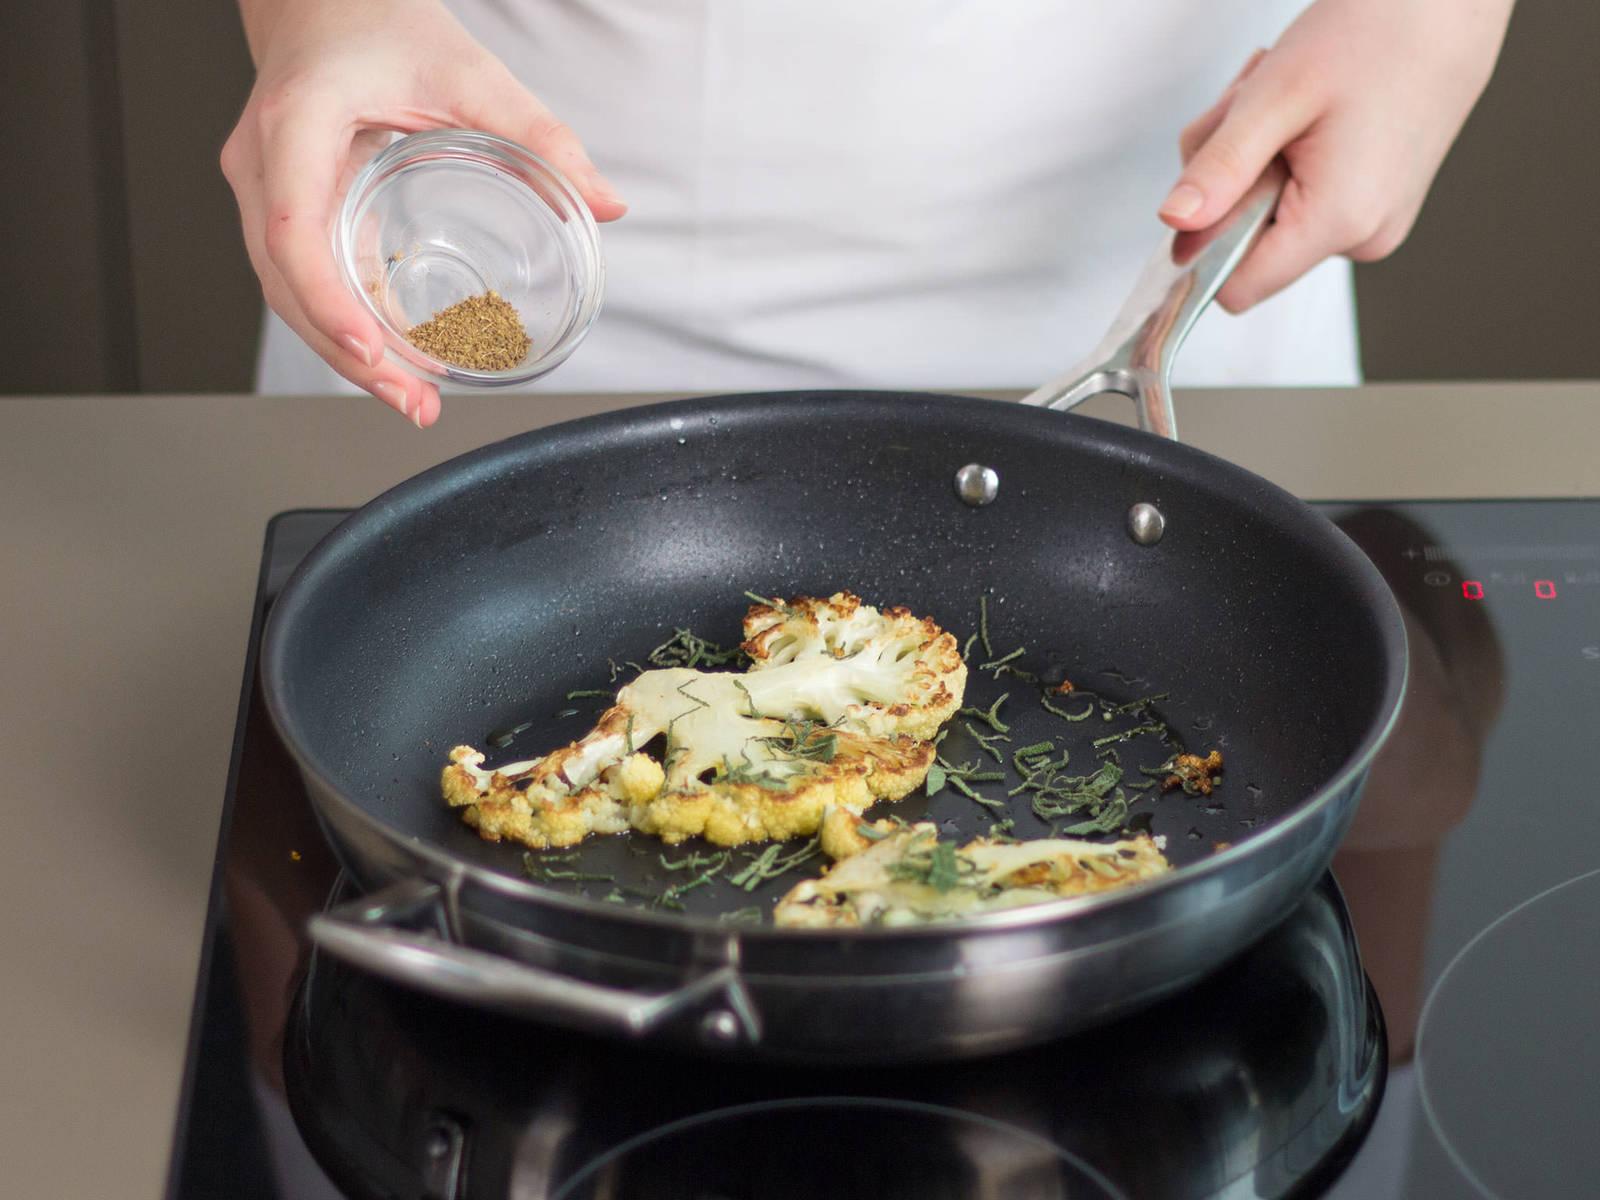 Inzwischen etwas Pflanzenöl in einer großen ofenfesten Pfanne erhitzen. Blumenkohlsteaks bei mittlerer Hitze ca. 4 – 6 Min. auf jeder Seite anbraten, bis sie eine schöne Bräune bekommen. Mit Salbei und Anis bestreuen.